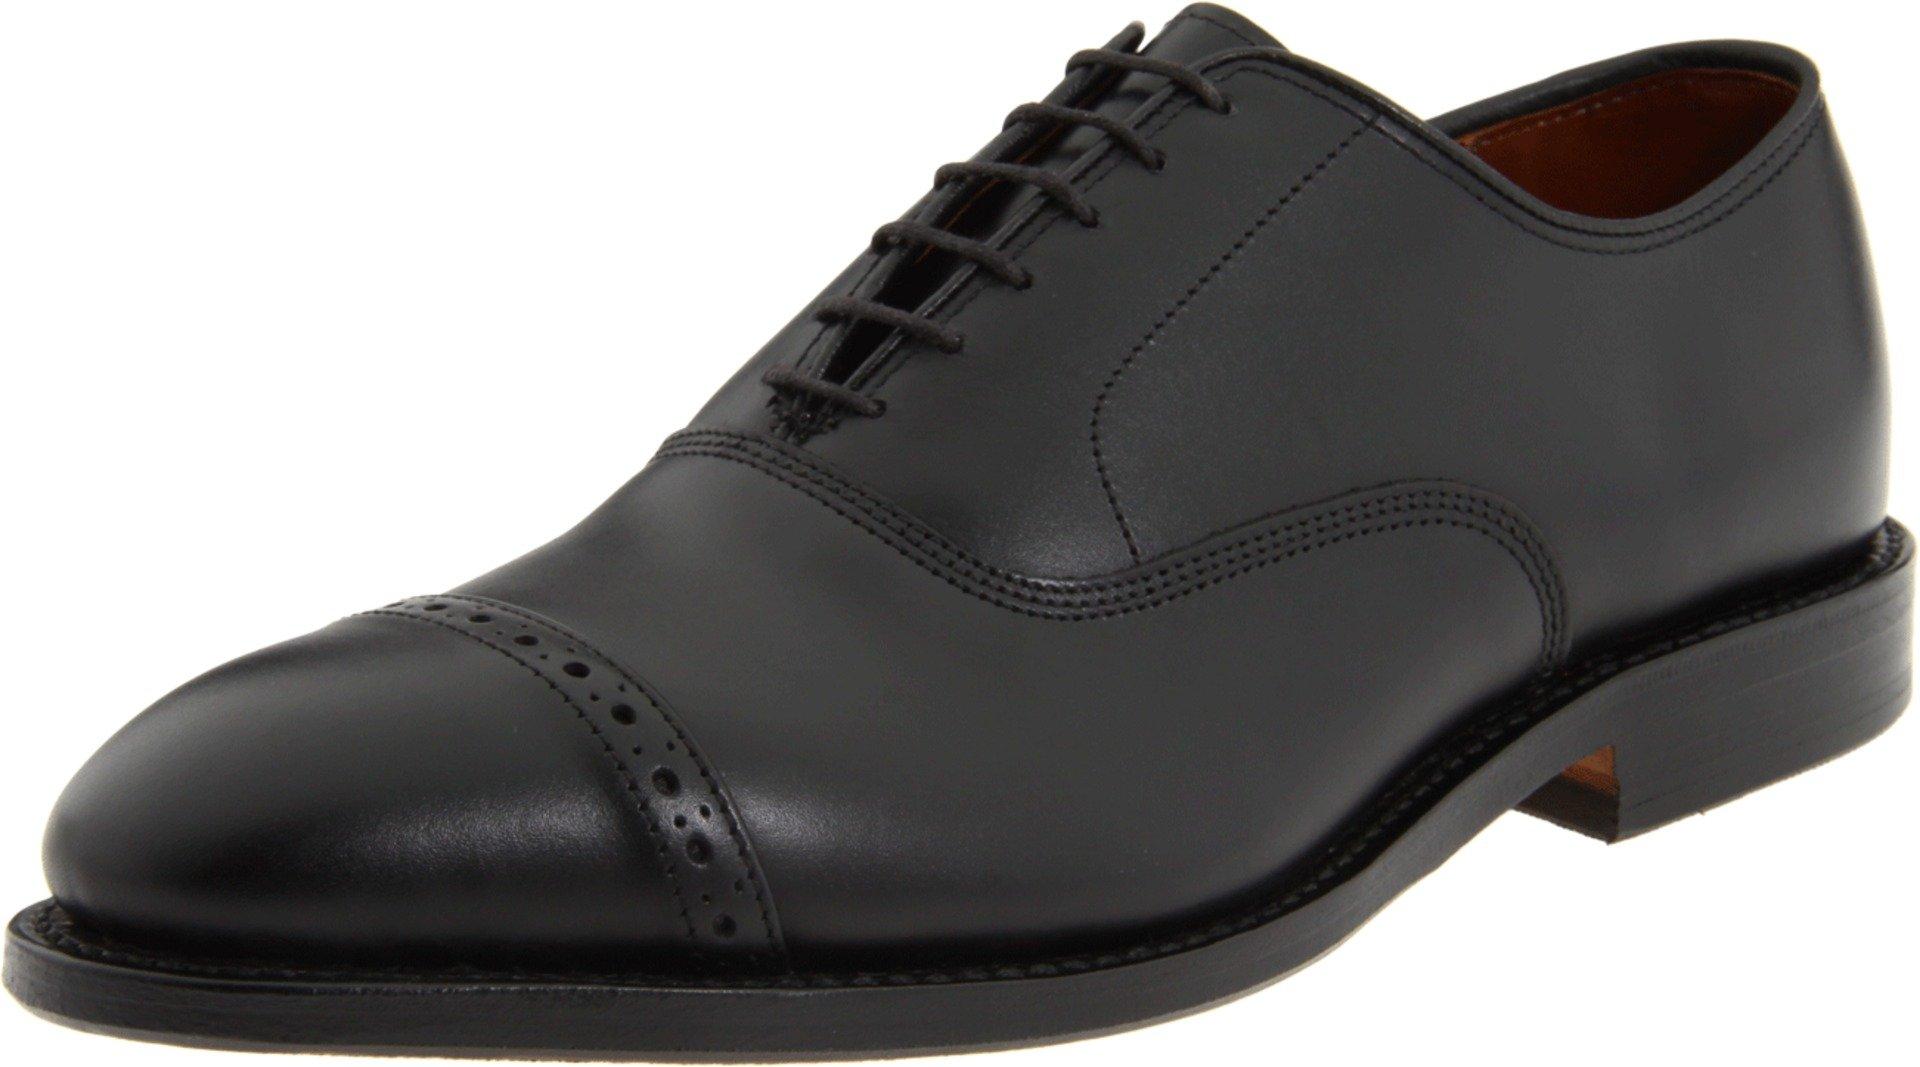 Allen Edmonds Men's Fifth Avenue Cap Toe,Black,10.5 EEE US